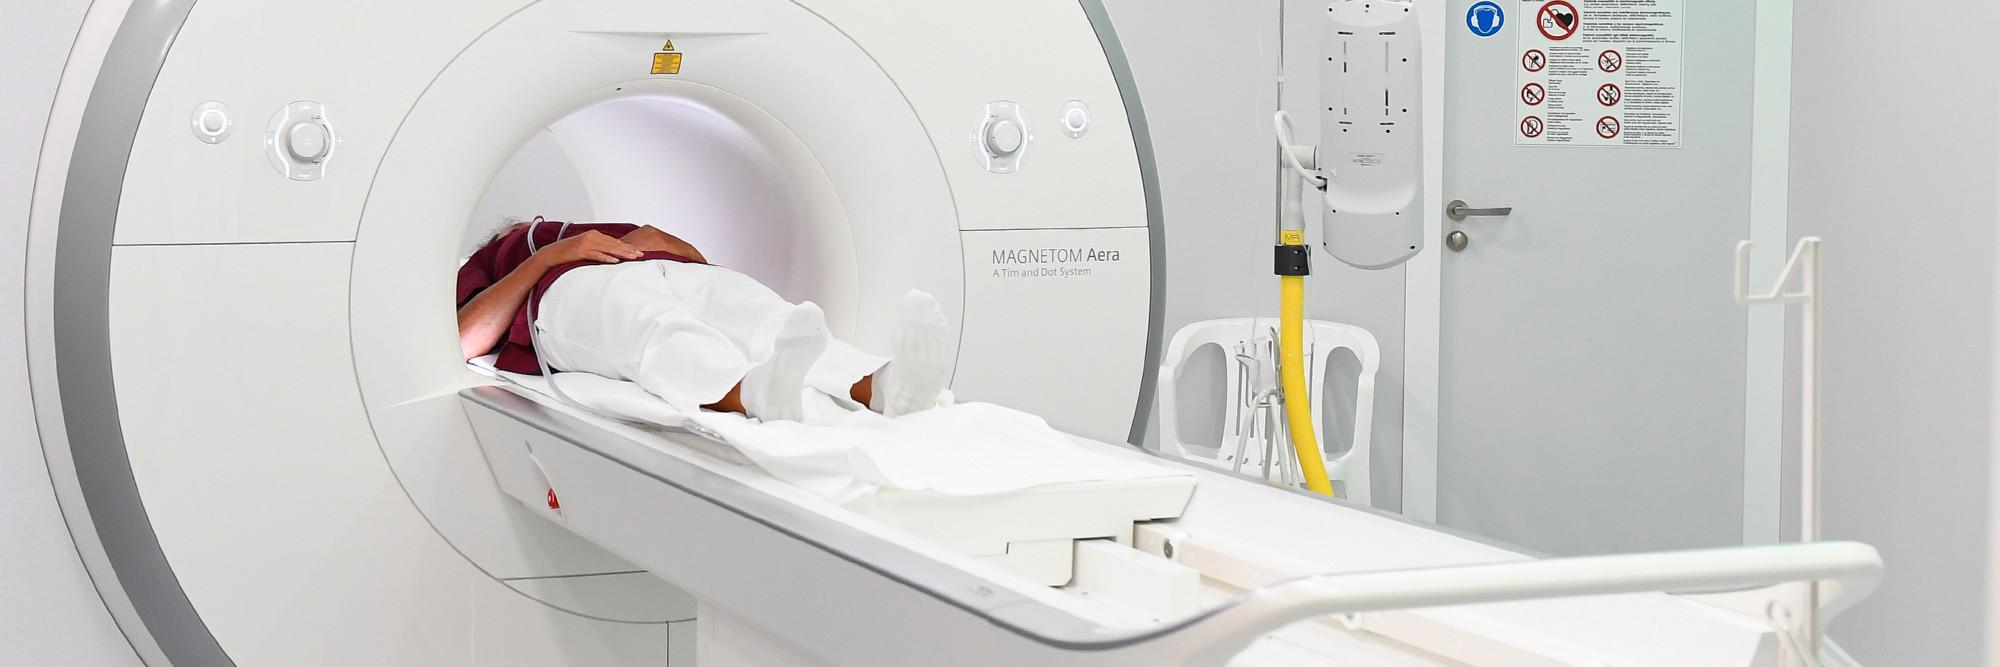 Ein MRT im St.-Antonius-Hospital mit Kleve hat eine besonders große Öffnung. Davon profitieren vor allem Kinder und Patienten mit Platzangst.